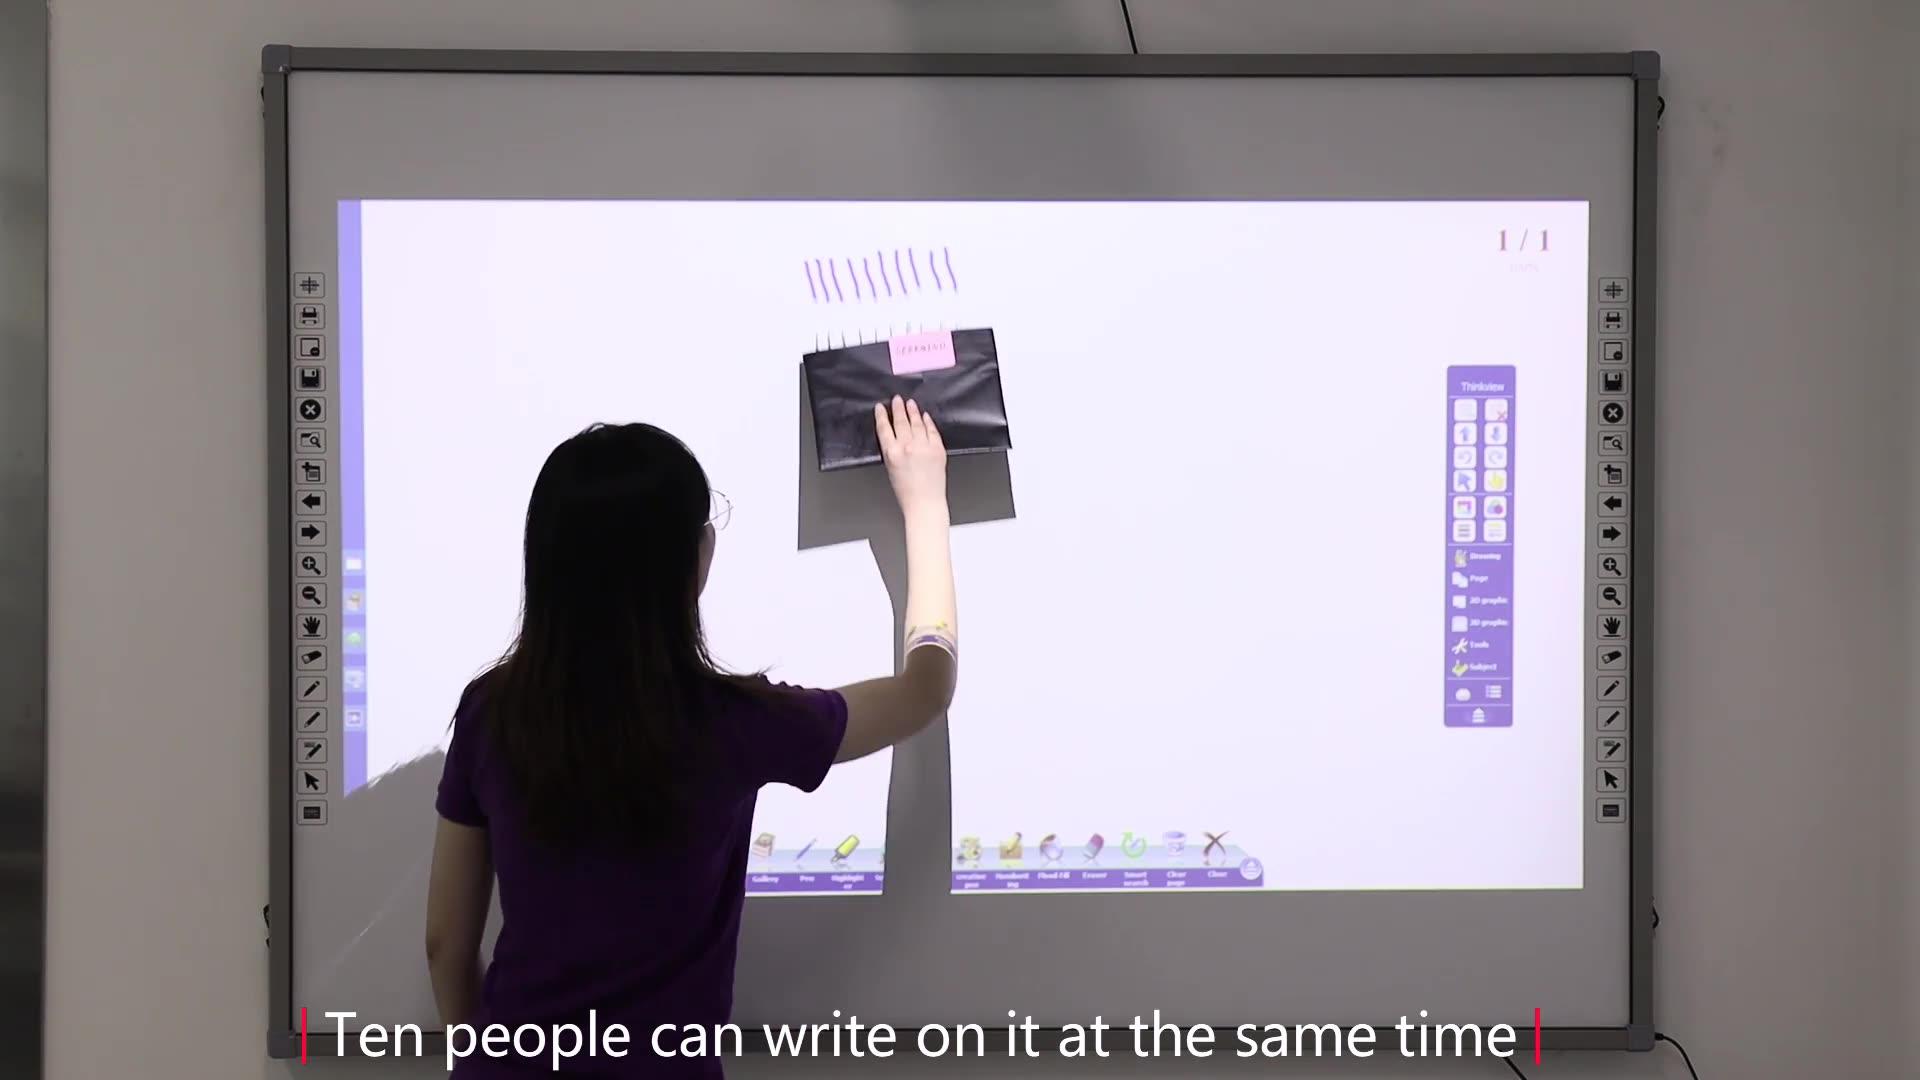 Rohs Chứng Nhận Smartboard/Tương Tác Bảng Điện Tử Với Giá Nhà Máy Để Bán